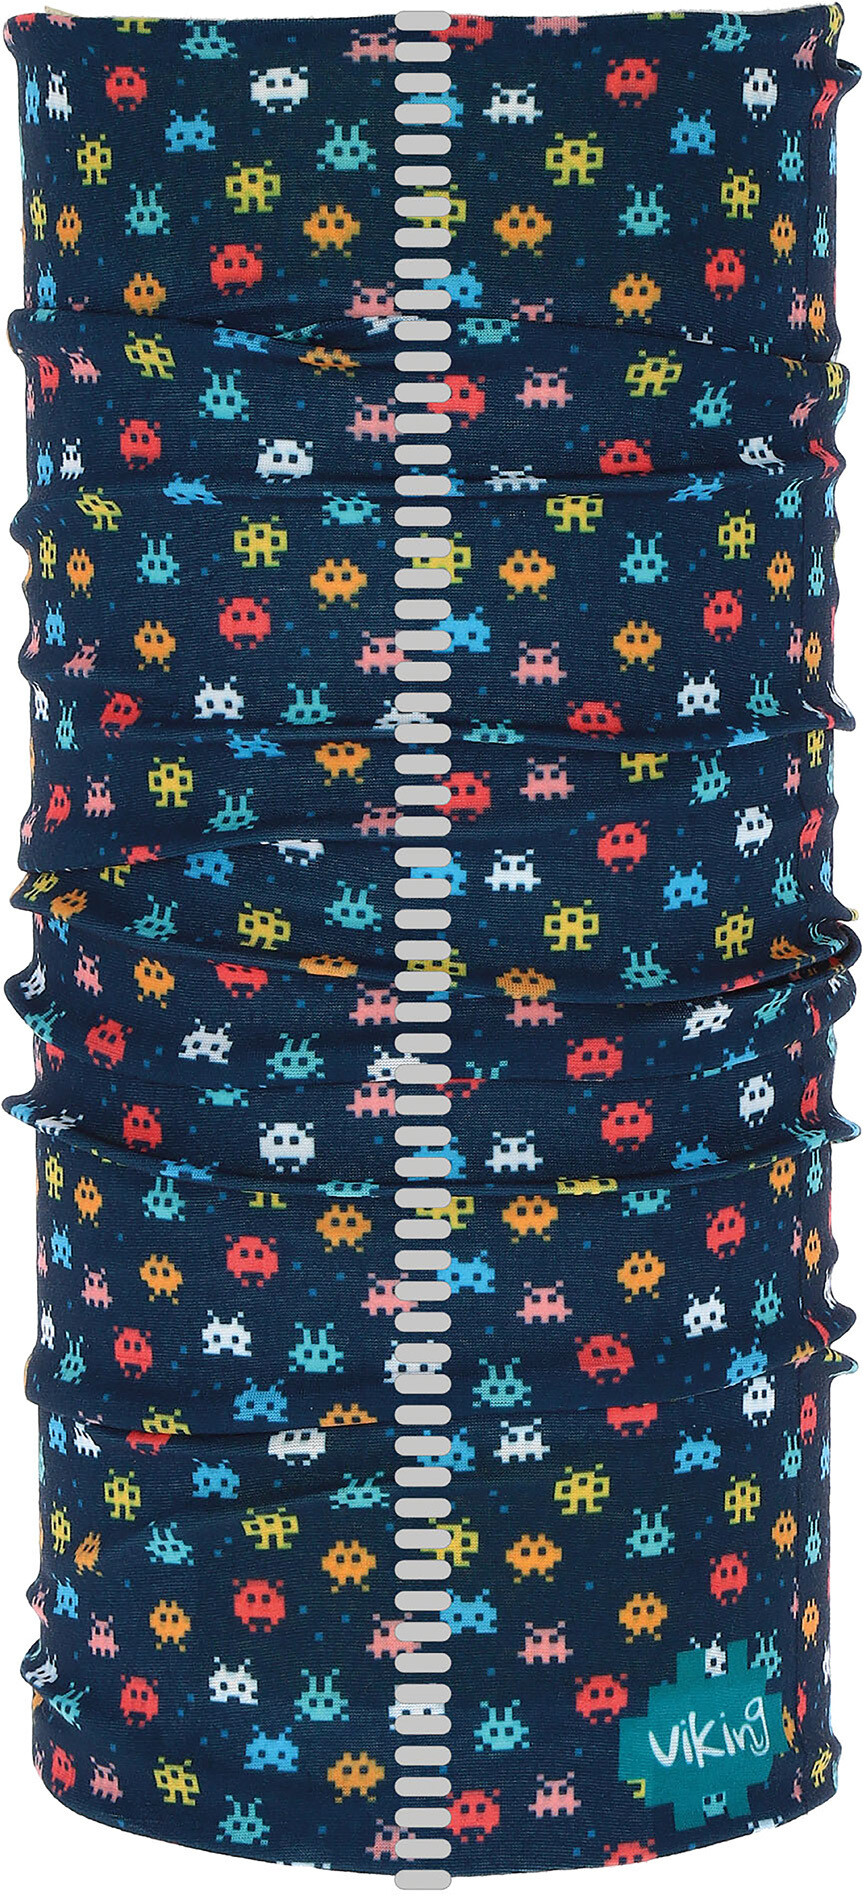 Geo Køb Tekstil Herre Authentic Slimmixed Design U Navy